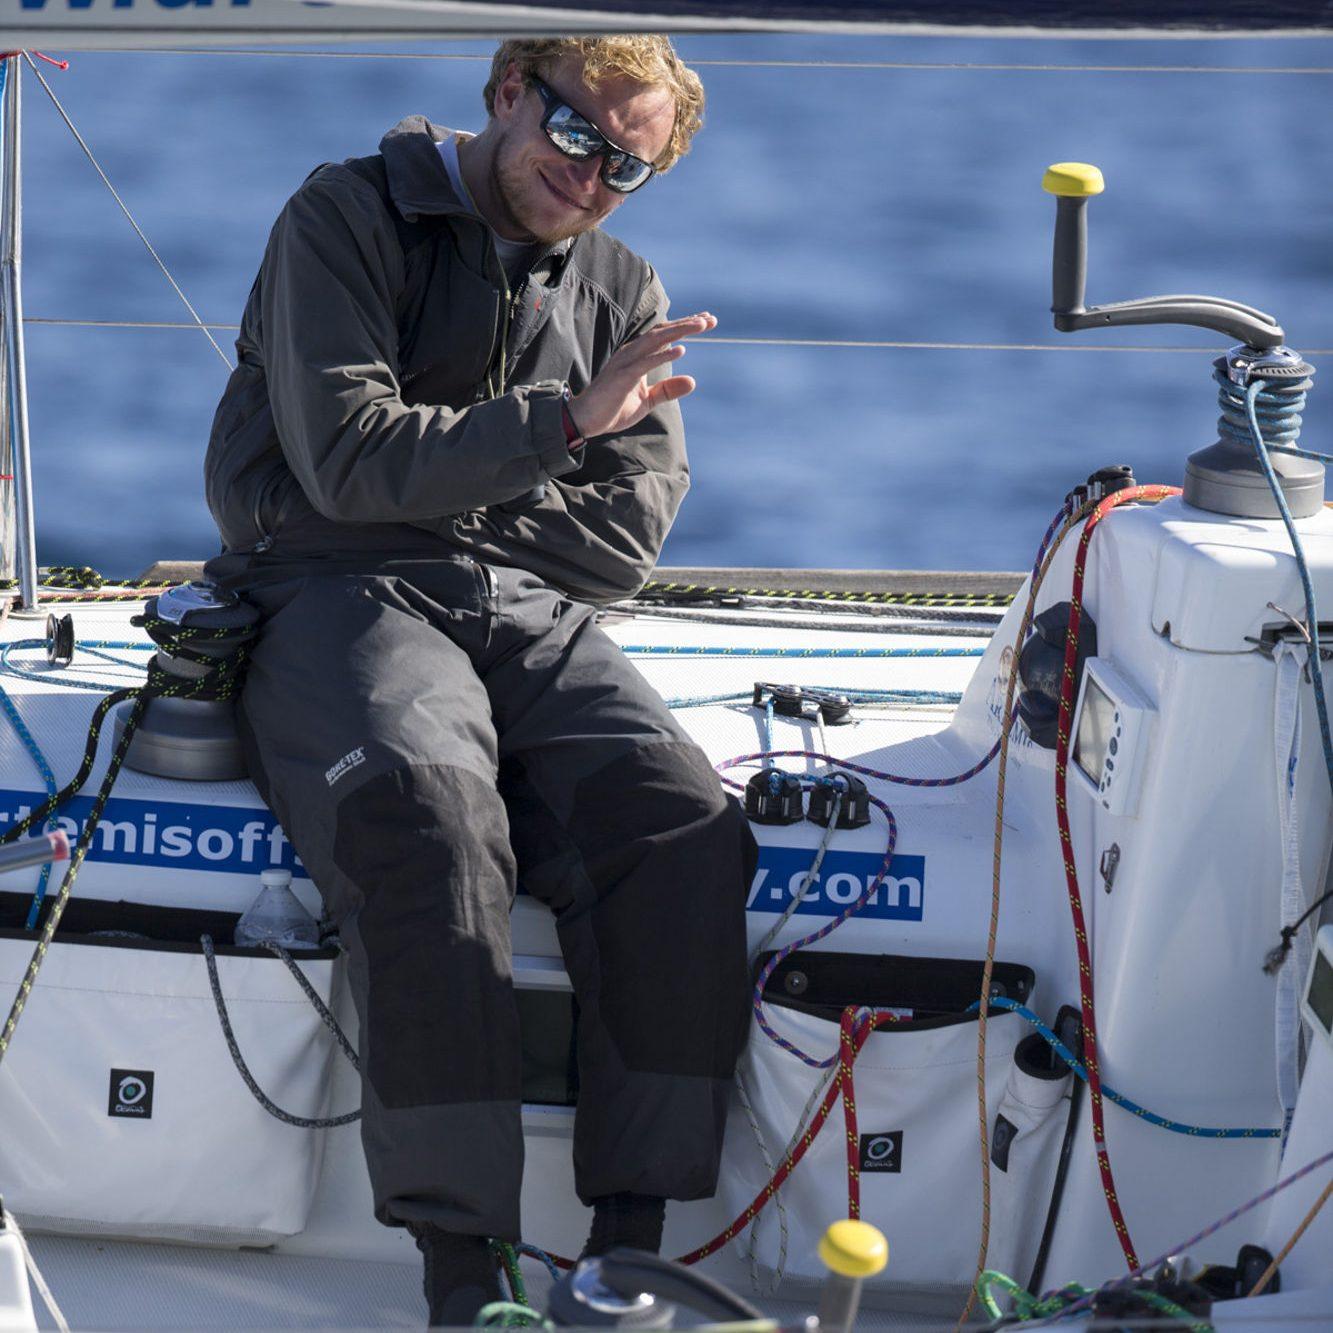 Robin Elsey (Artemis 43) lors de la 1ere etape de la Solitaire du Figaro Eric Bompard cachemire 2015 - Jour 1 - le 01/06/2015